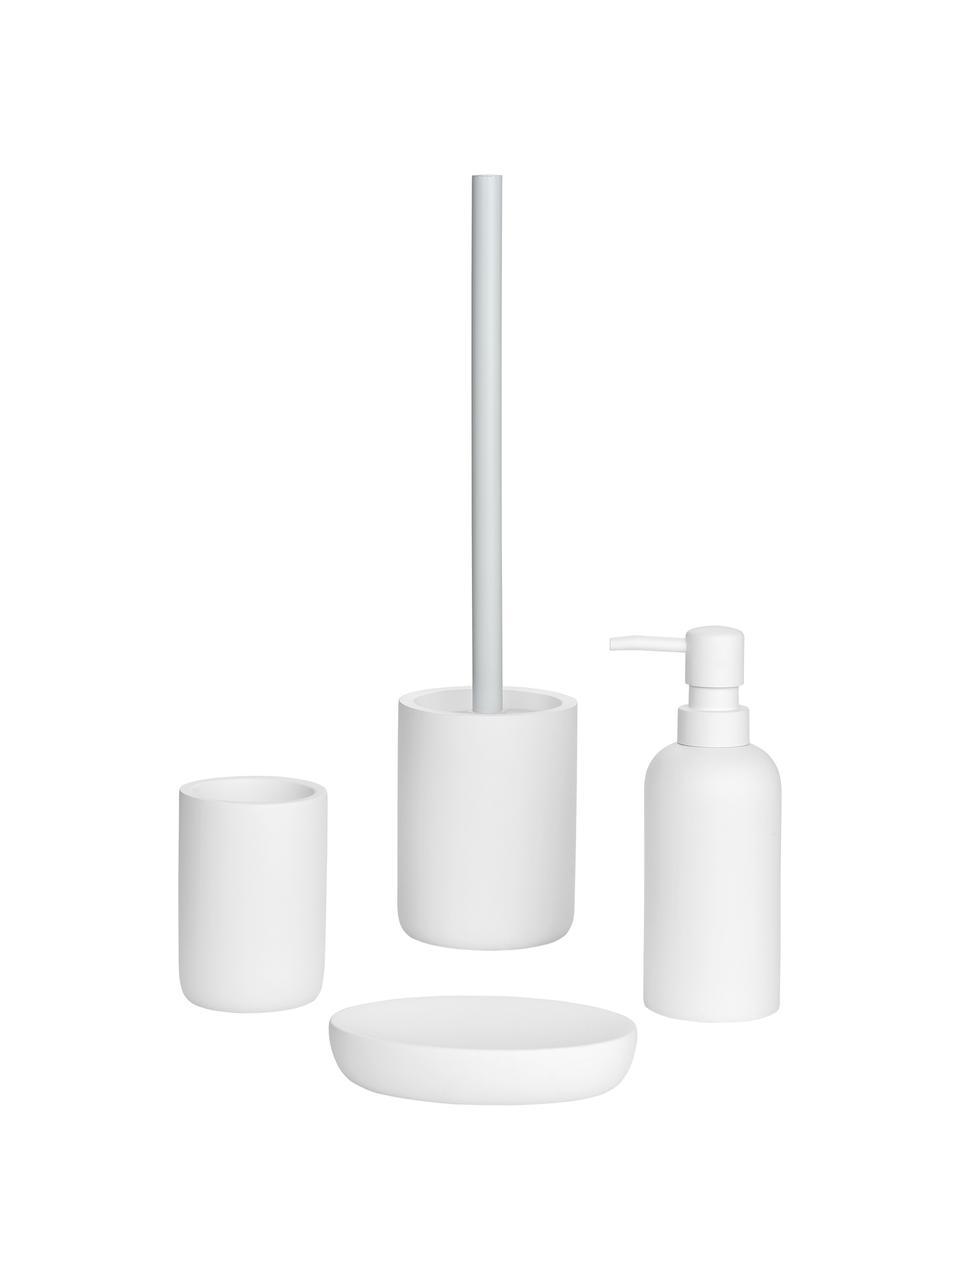 Seifenspender Archway, Kunststoff, Weiß, Ø 7 x H 19 cm